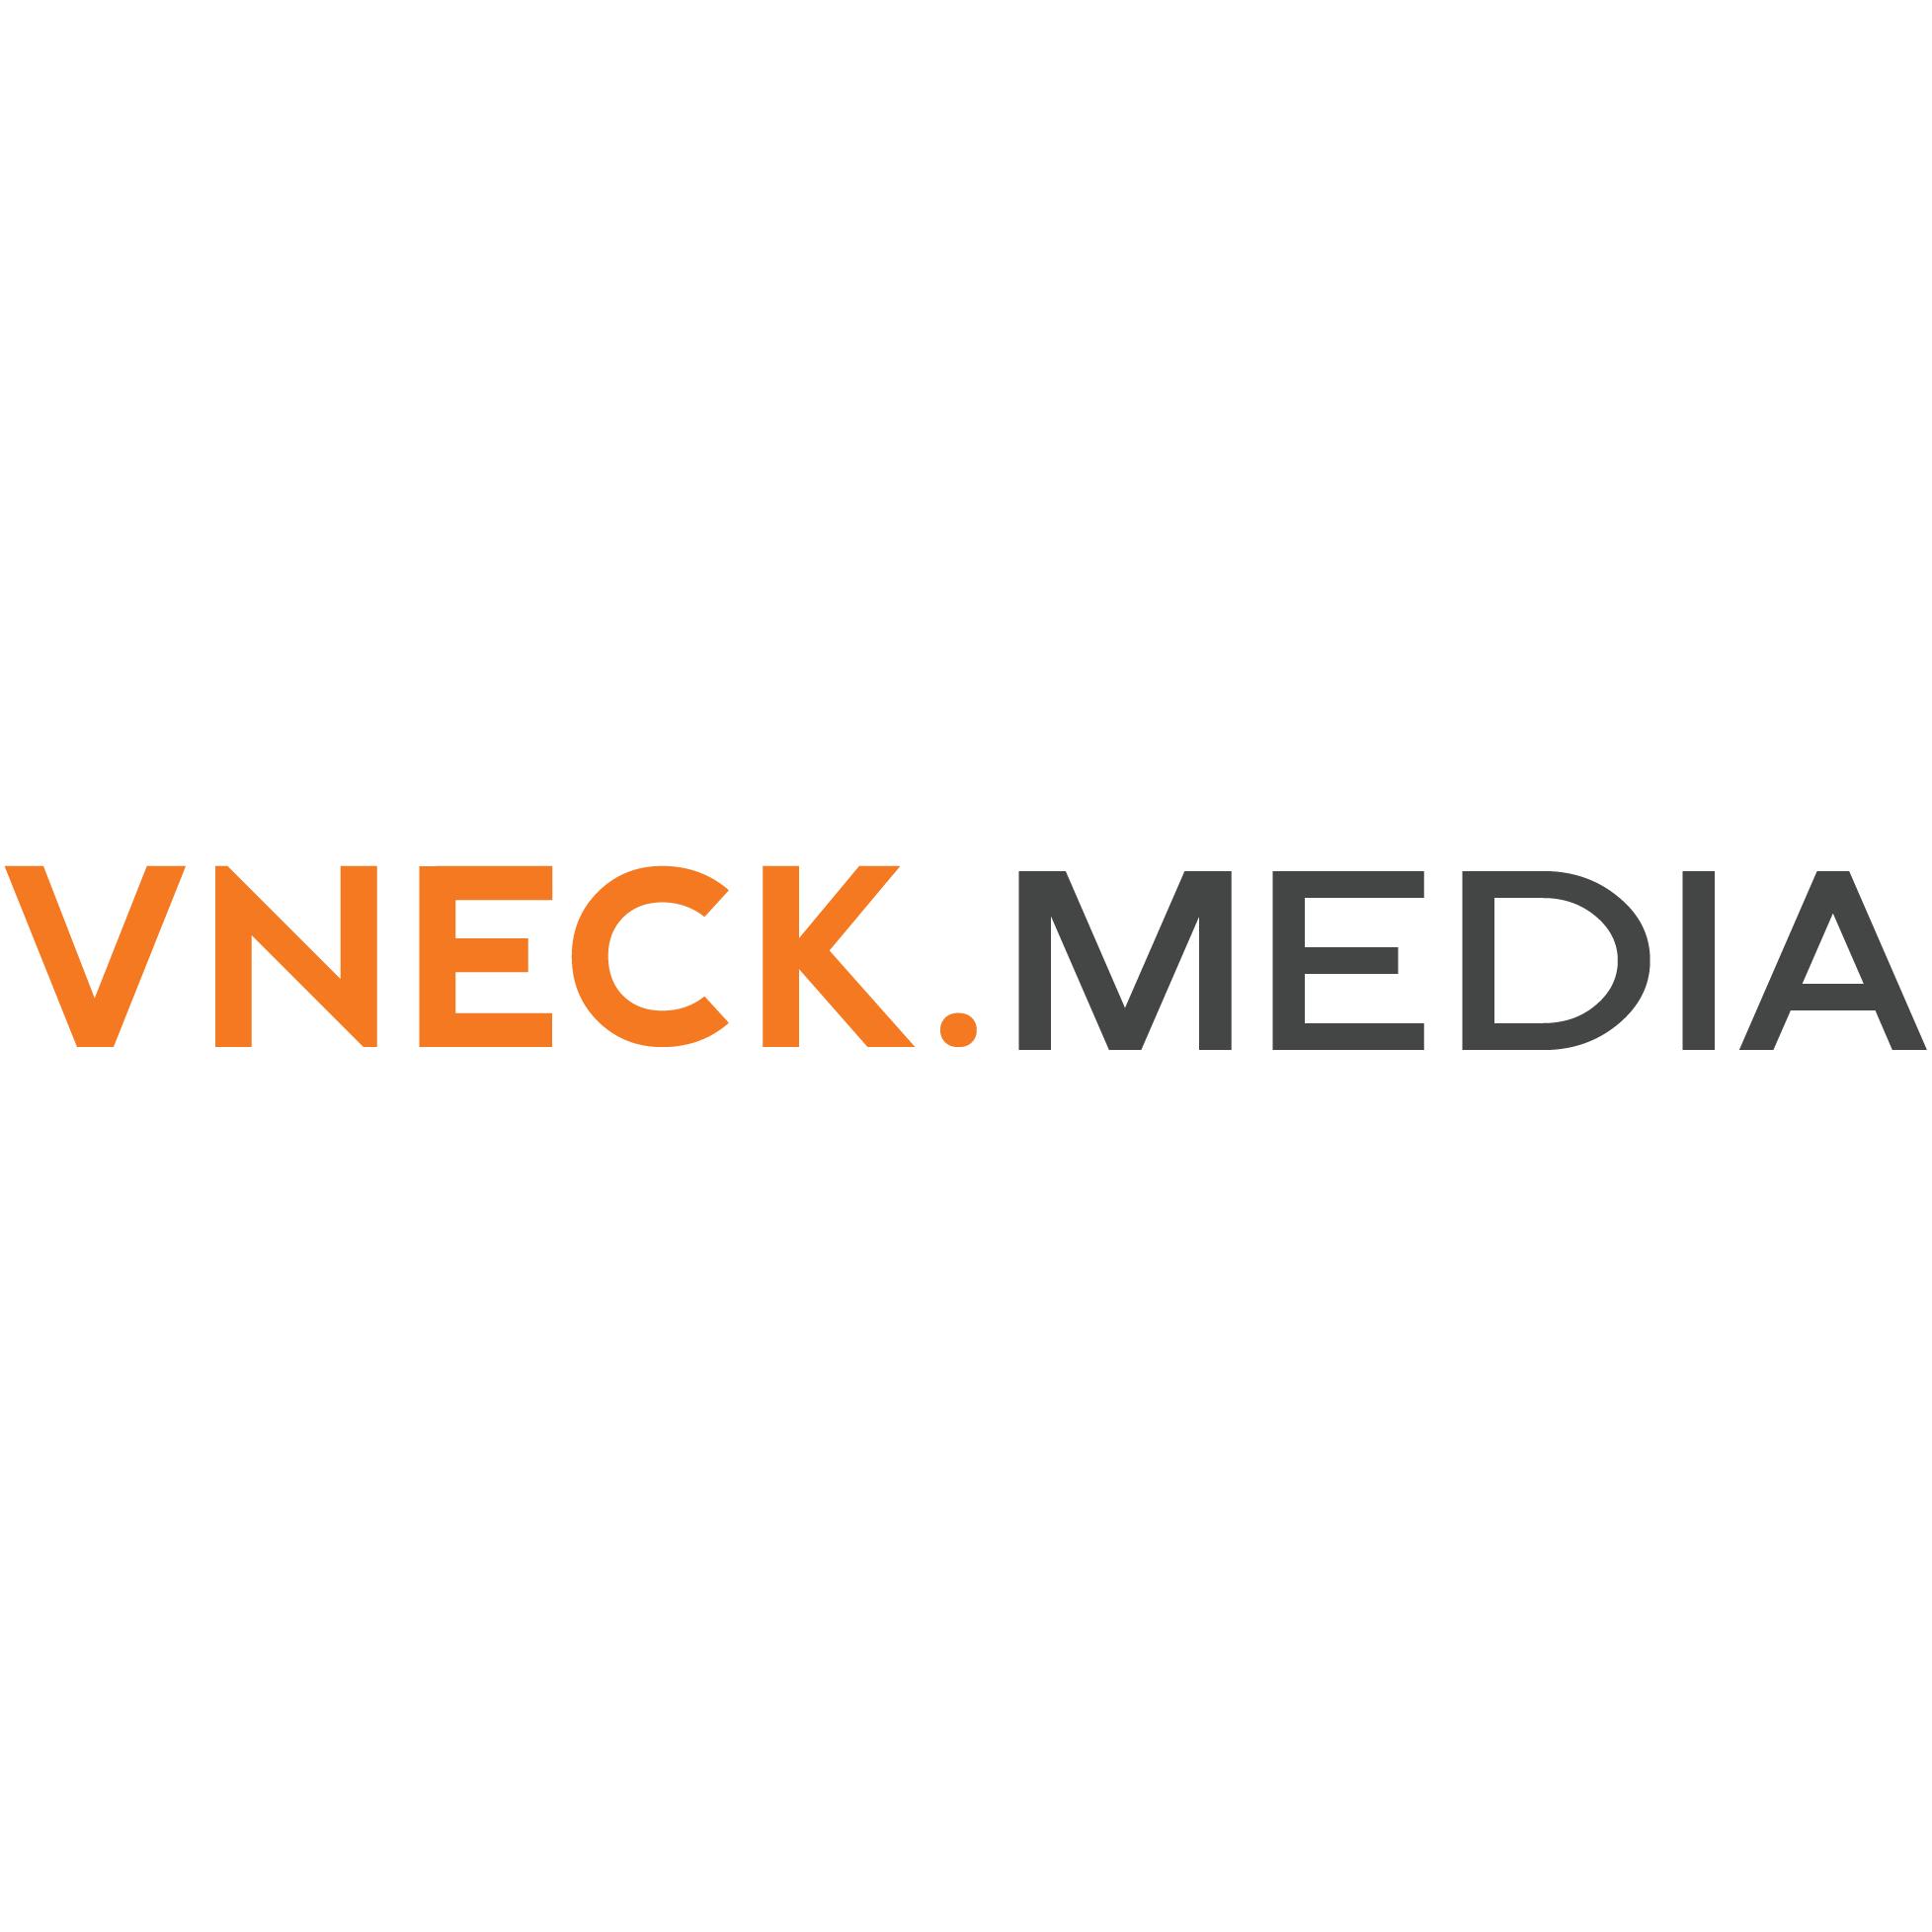 VNeck Media Inc